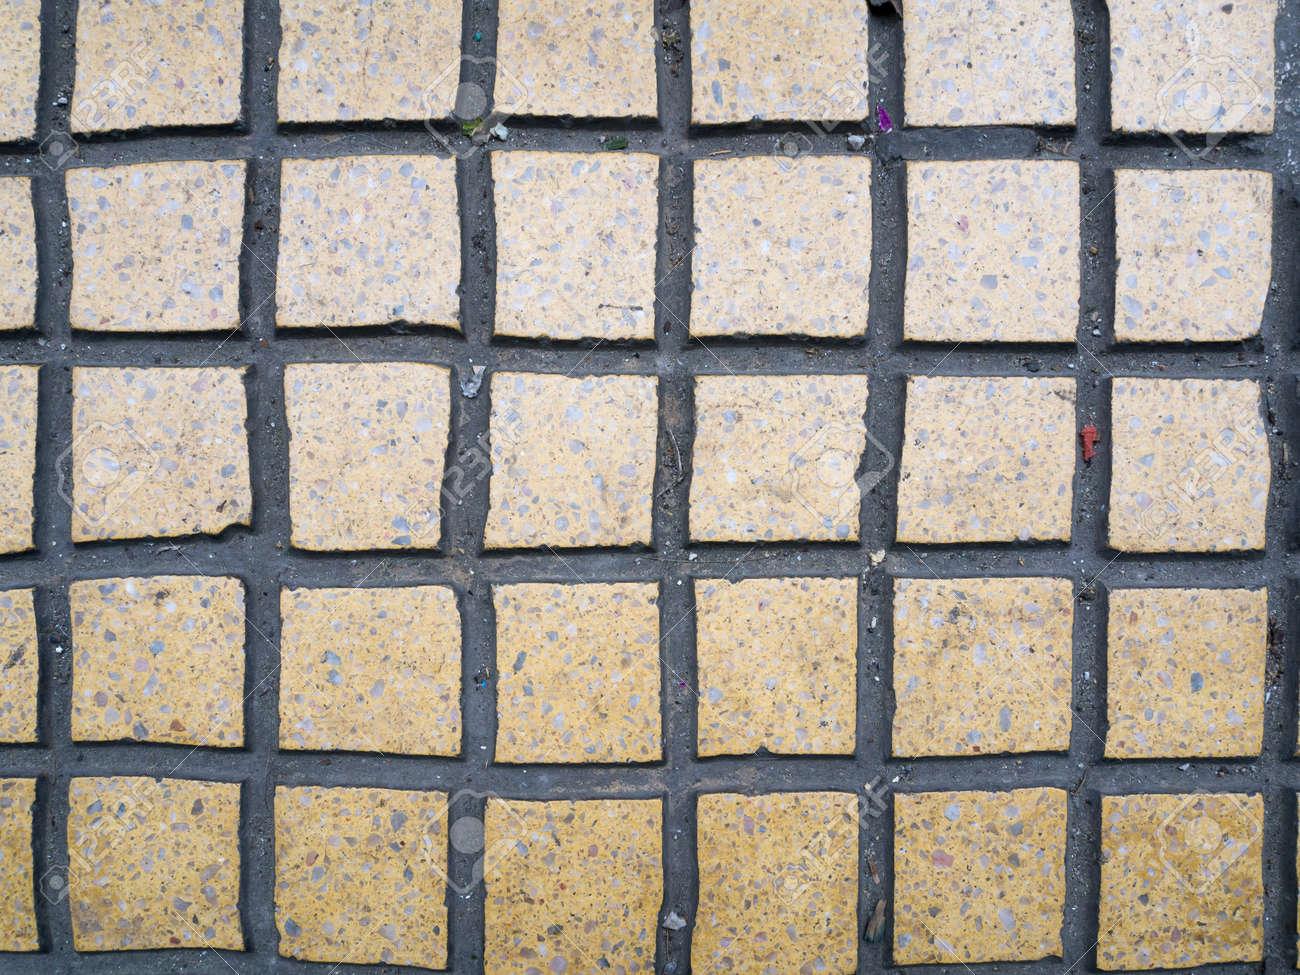 suelos de piedra hecha de pequeos cuentos de color marrn claro